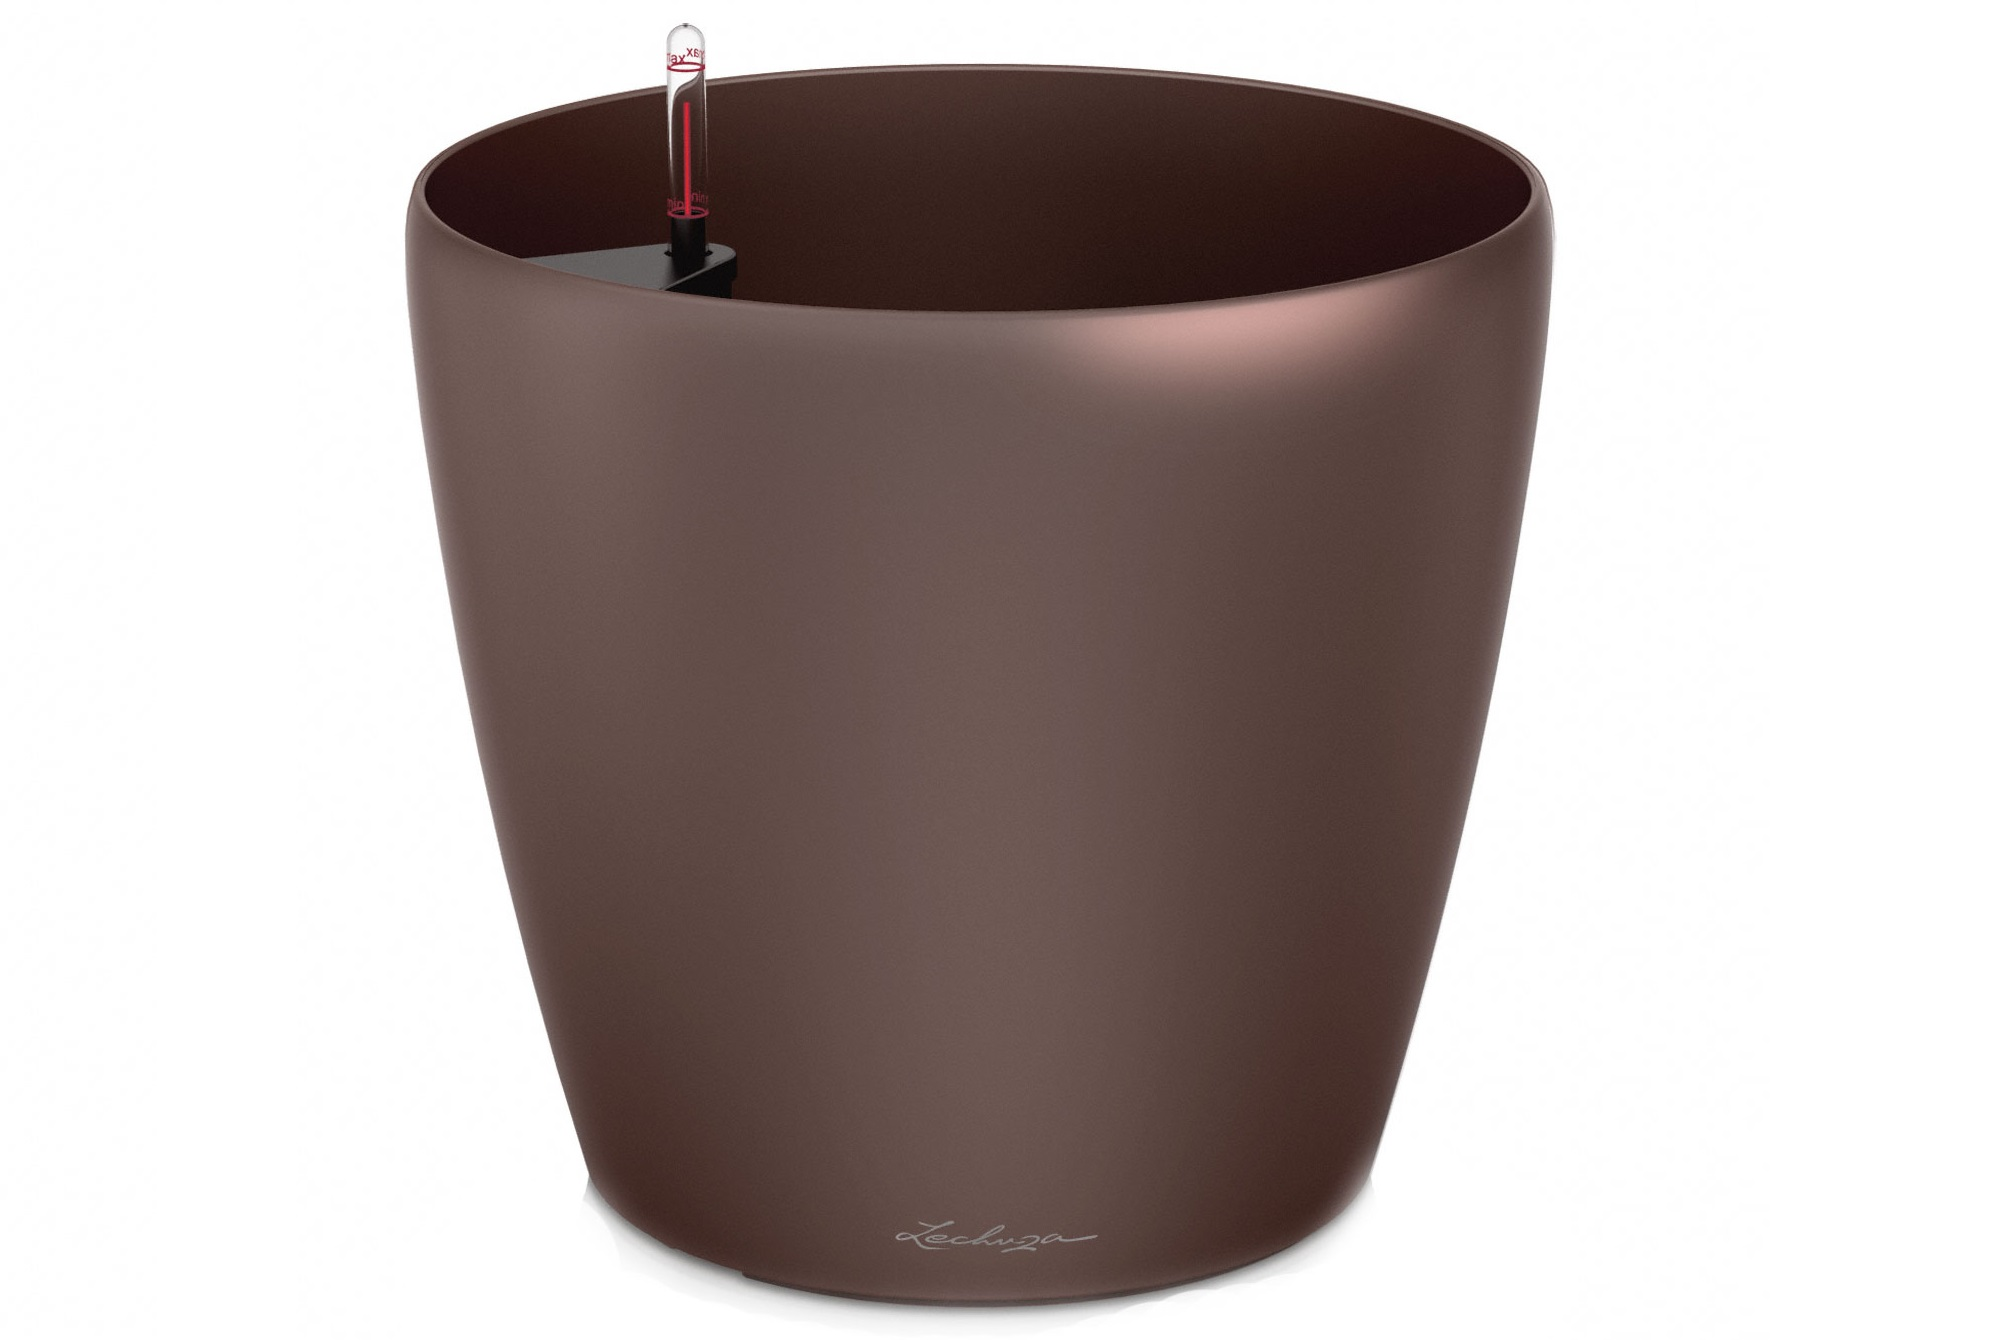 Кашпо без системы полива КлассикоКашпо и аксессуары для цветов<br><br><br>Material: Пластик<br>Height см: 56<br>Diameter см: 60